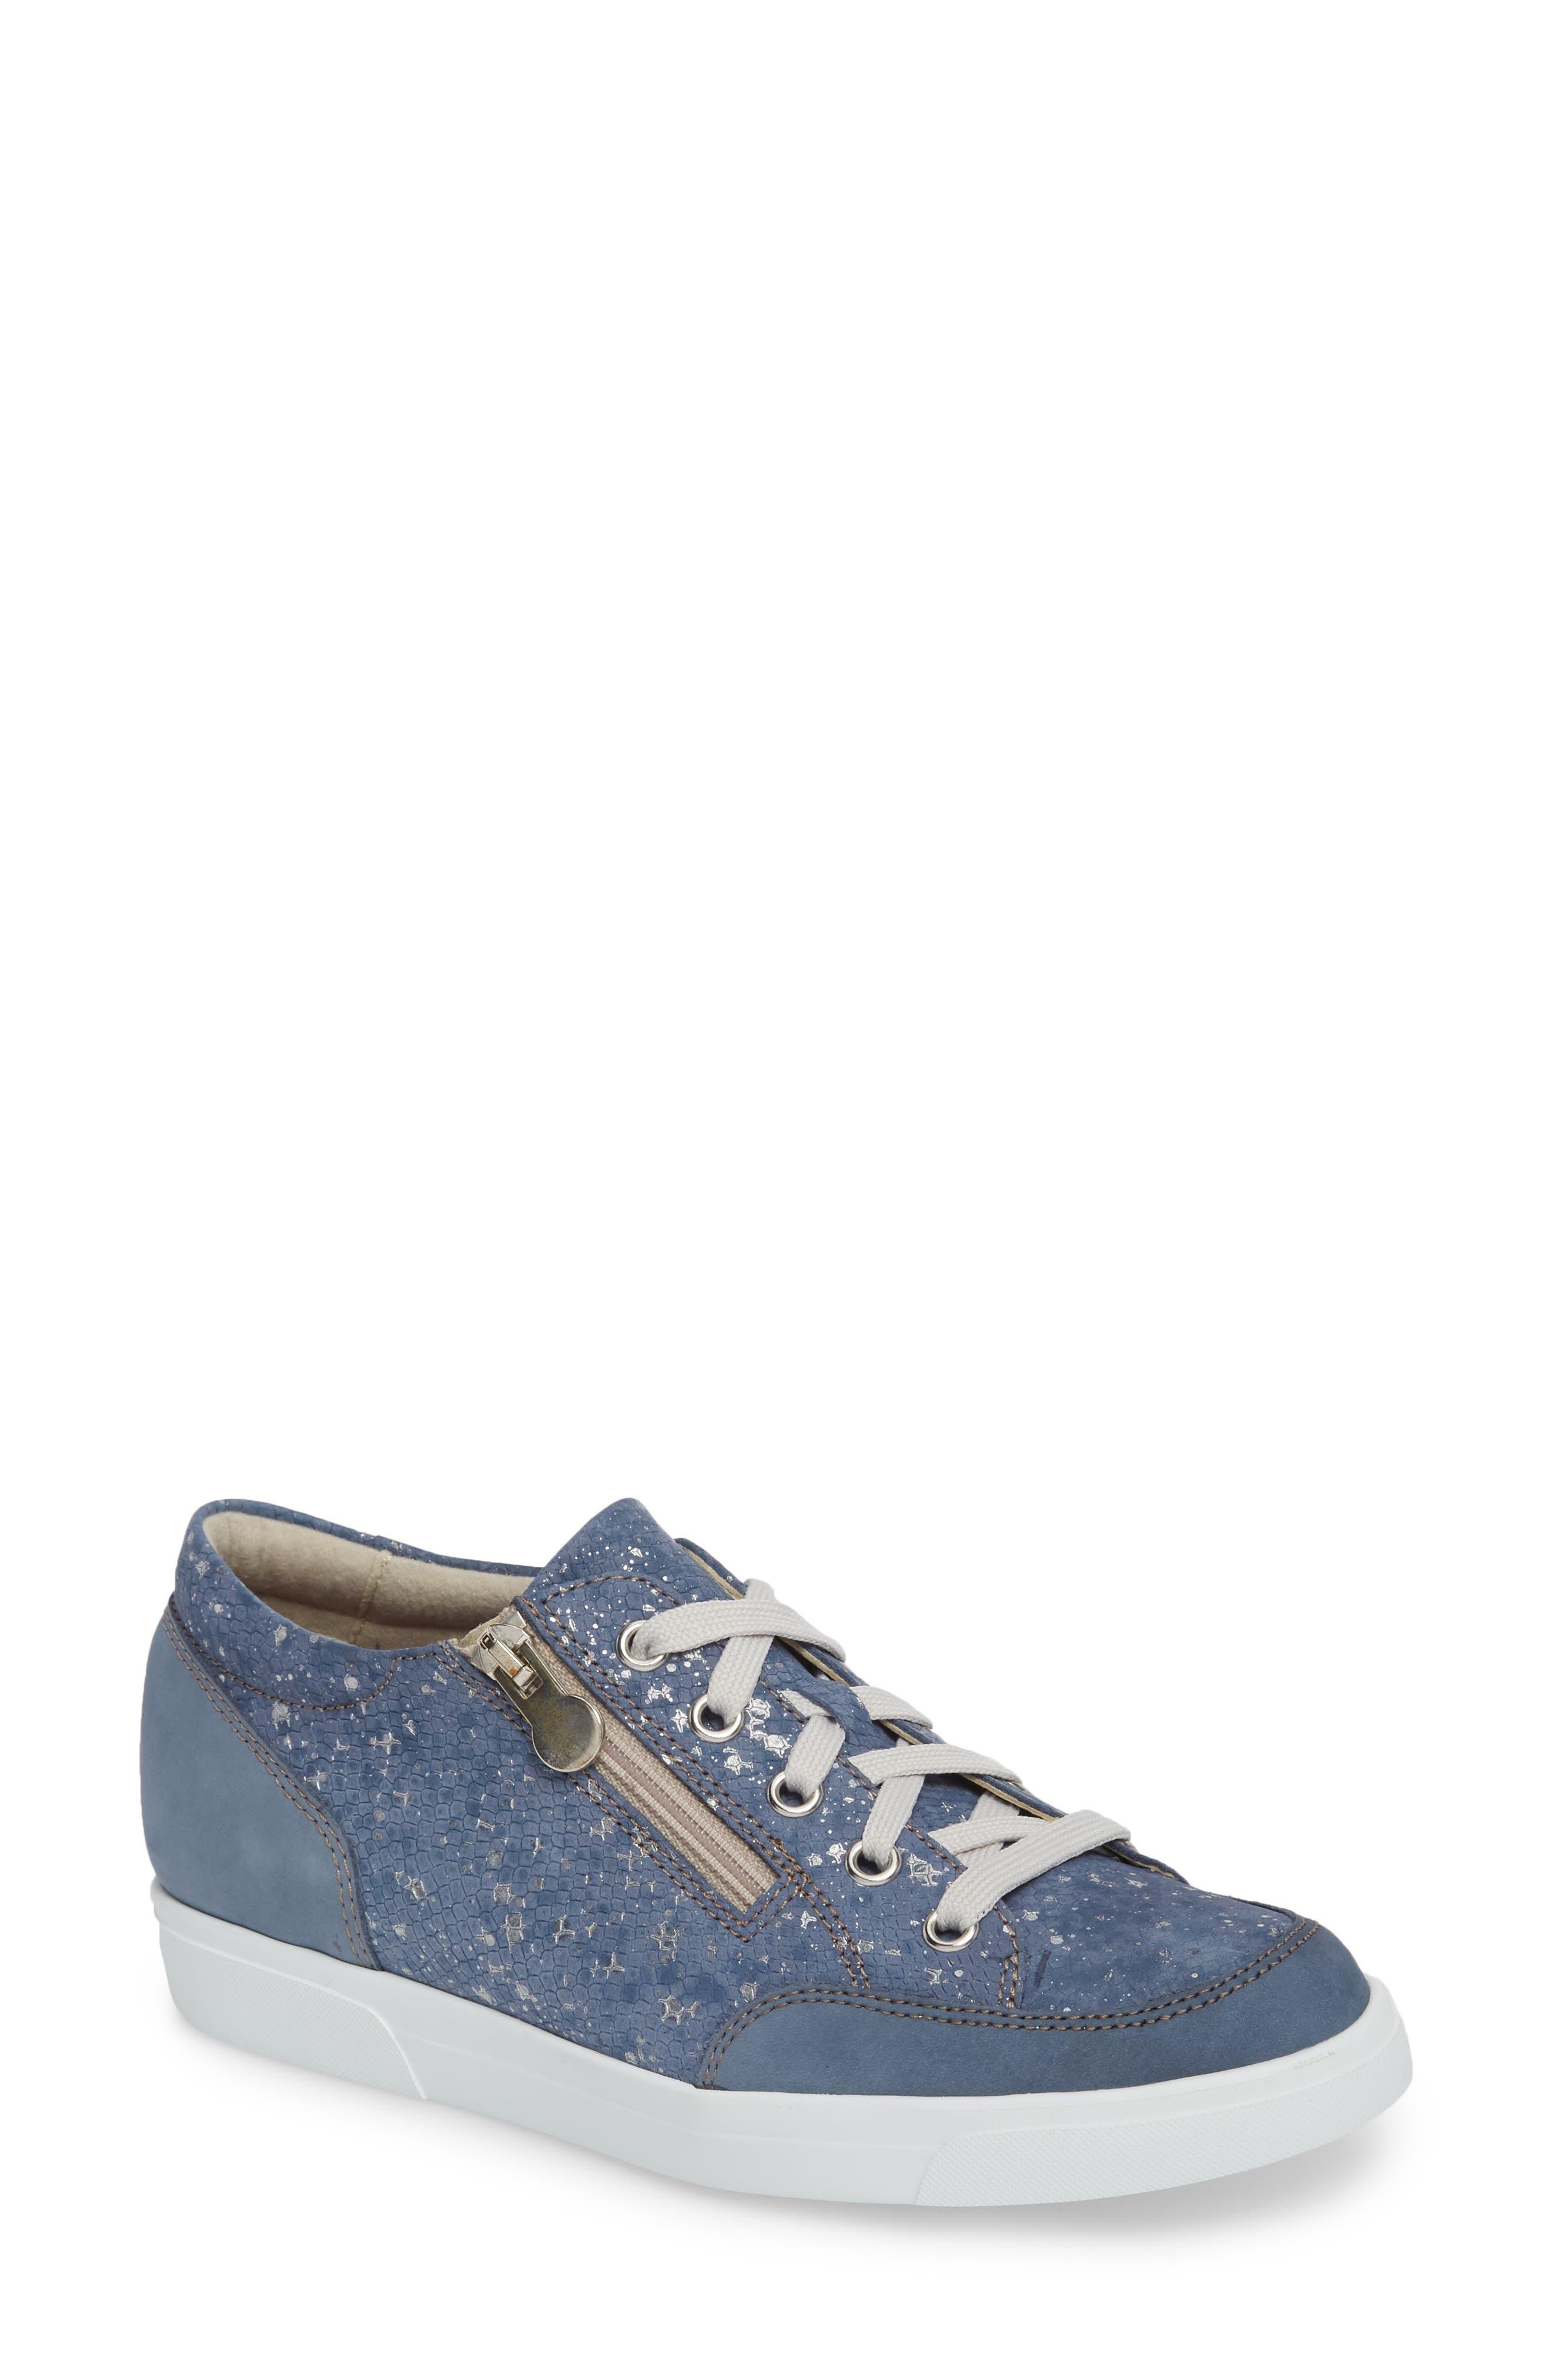 Gabbie Sneaker,                         Main,                         color, Denim Metallic Print